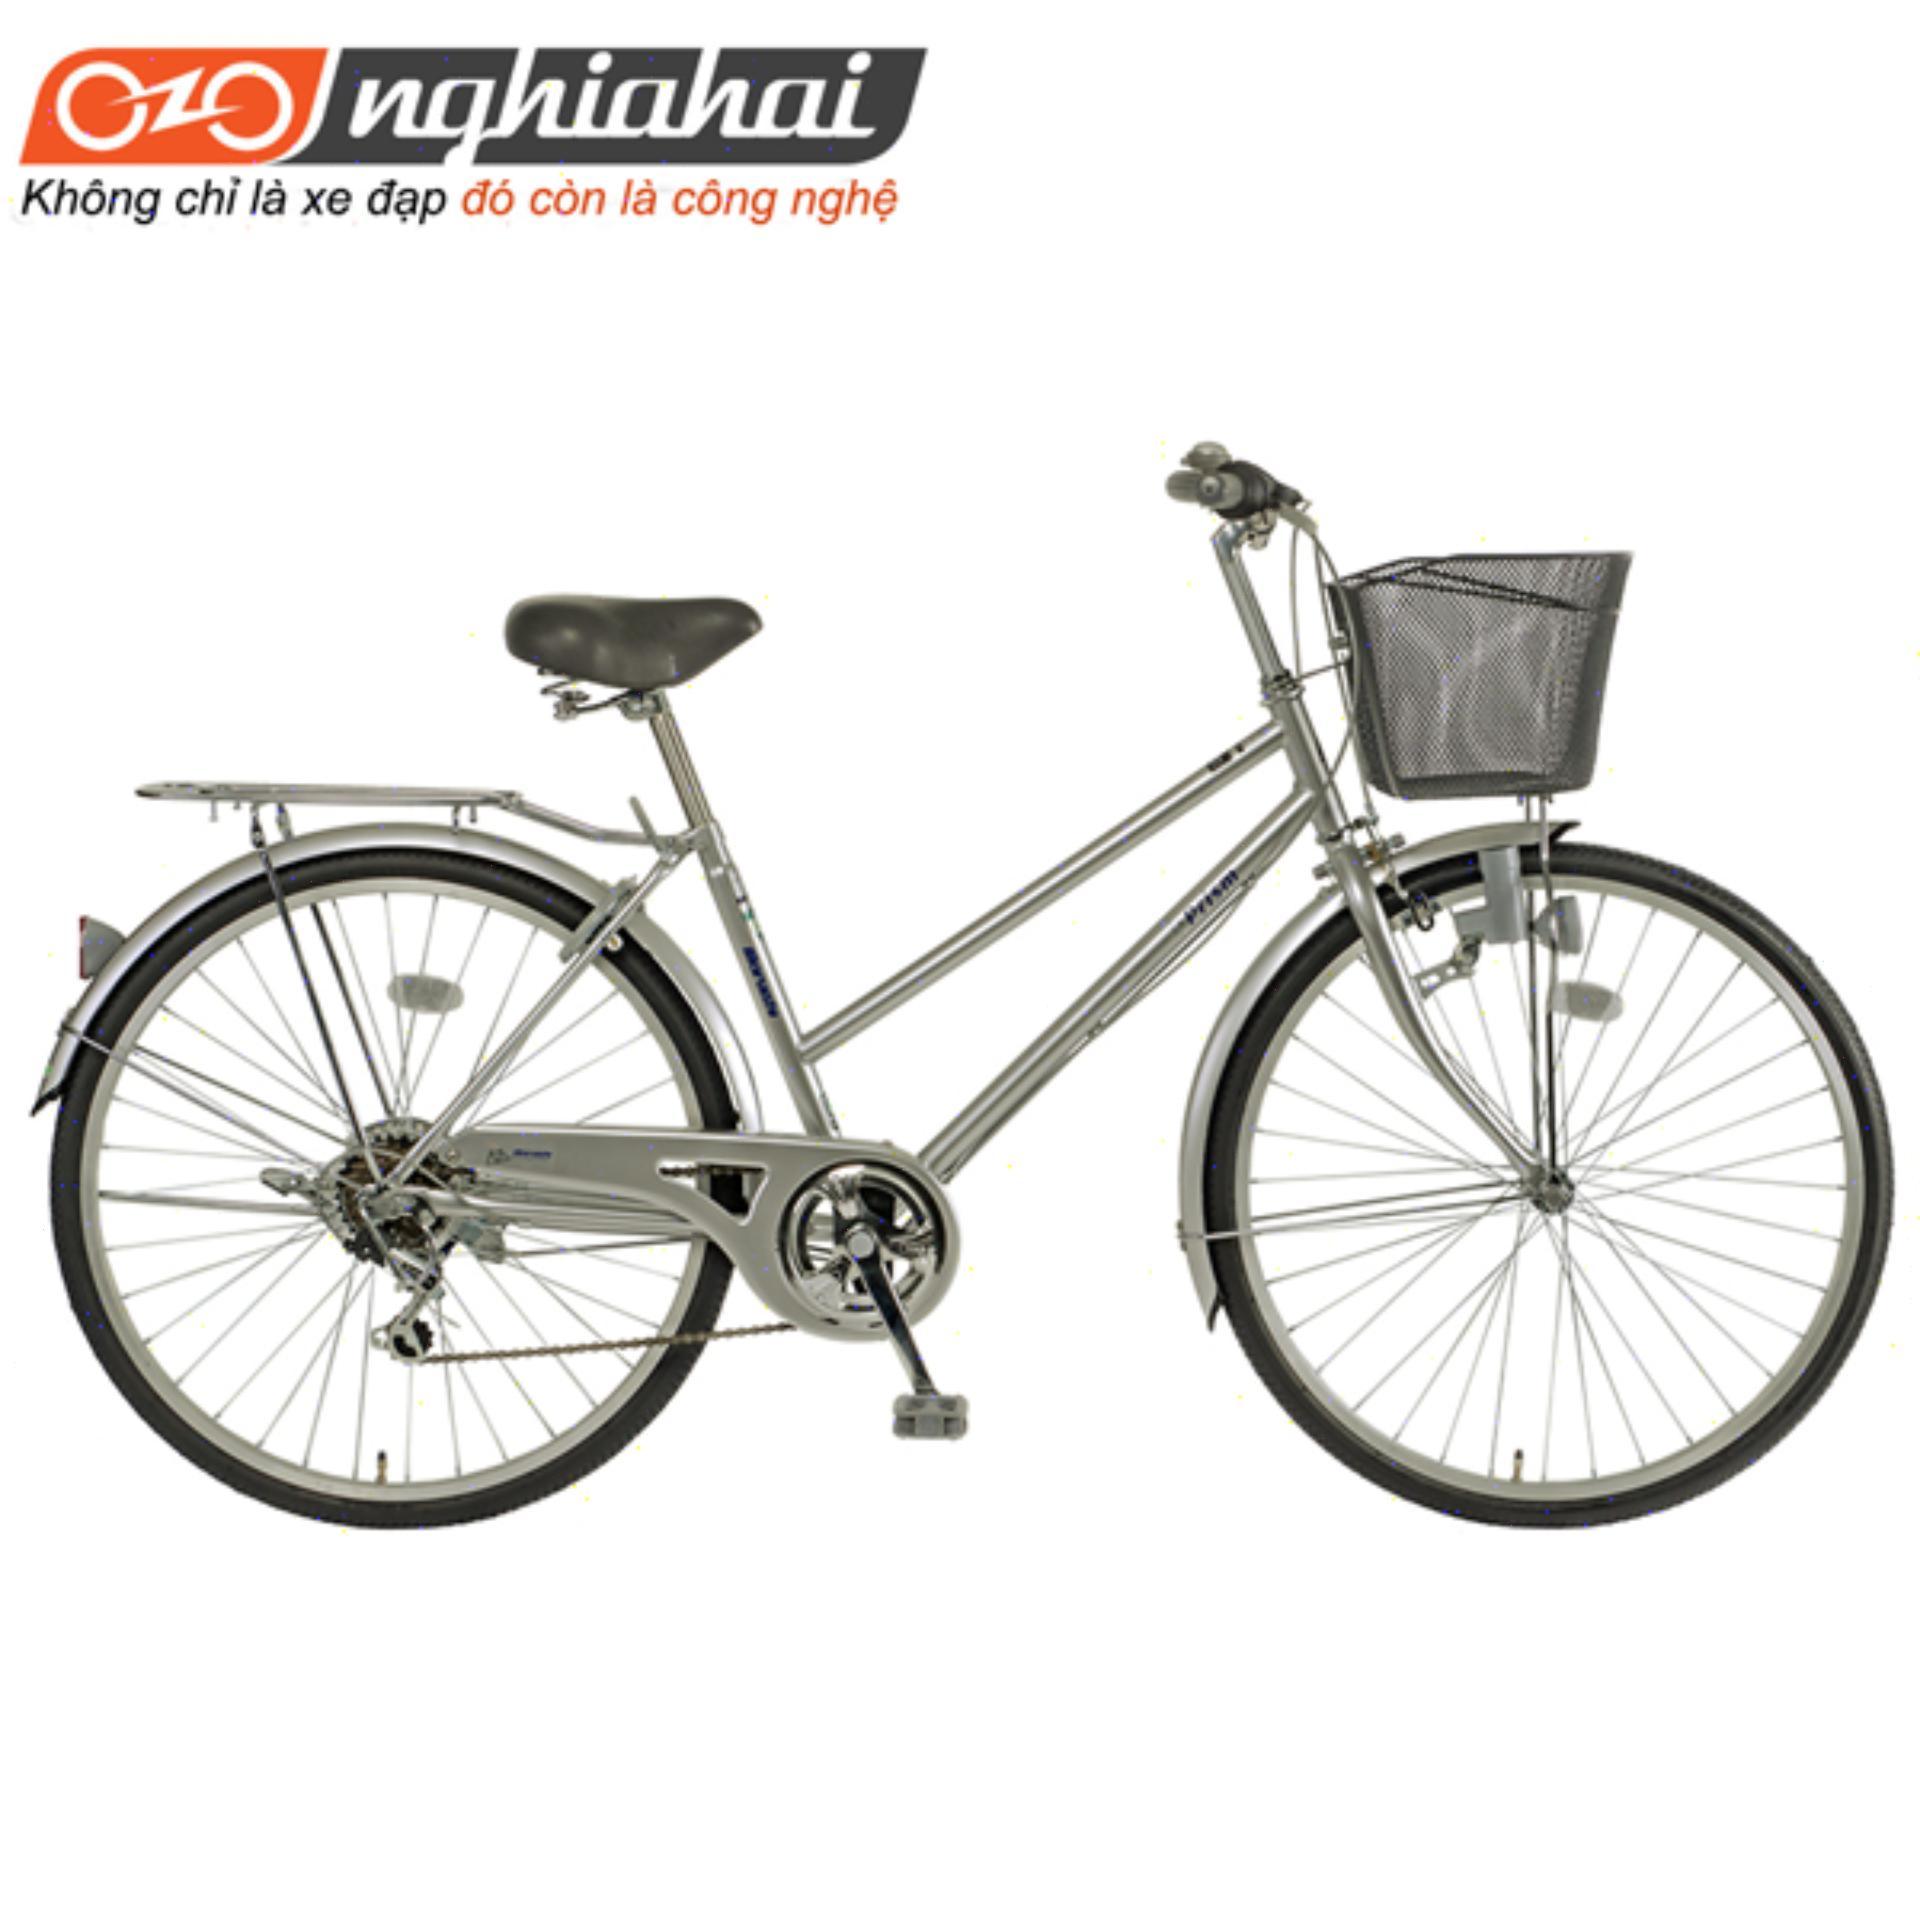 Xe đạp Nhật Bản Maruishi PRT2671 (bạc)